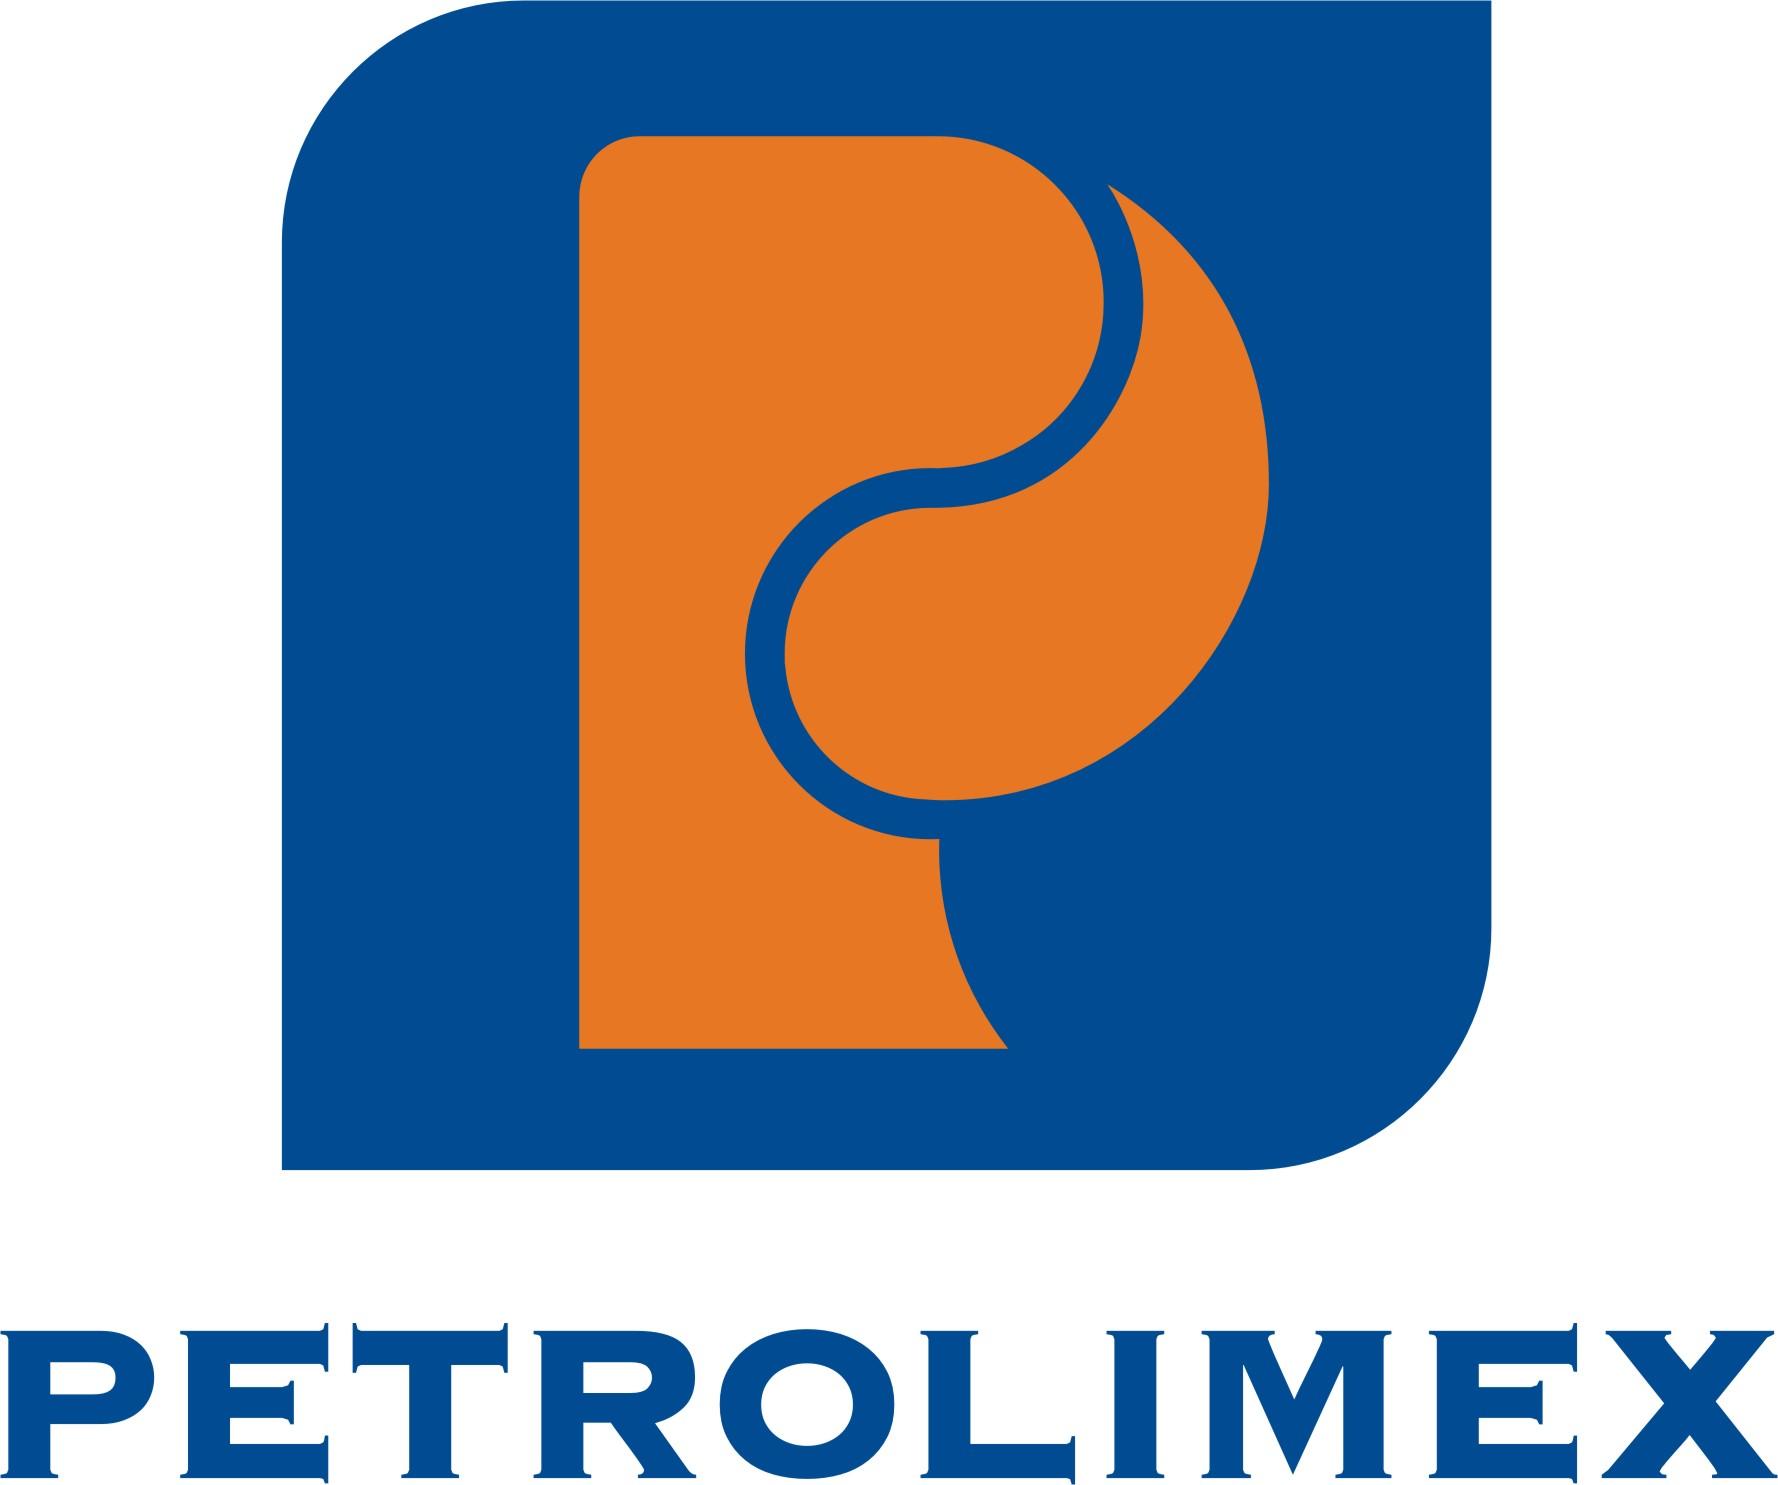 Công ty TNHH Hóa chất Petrolimex